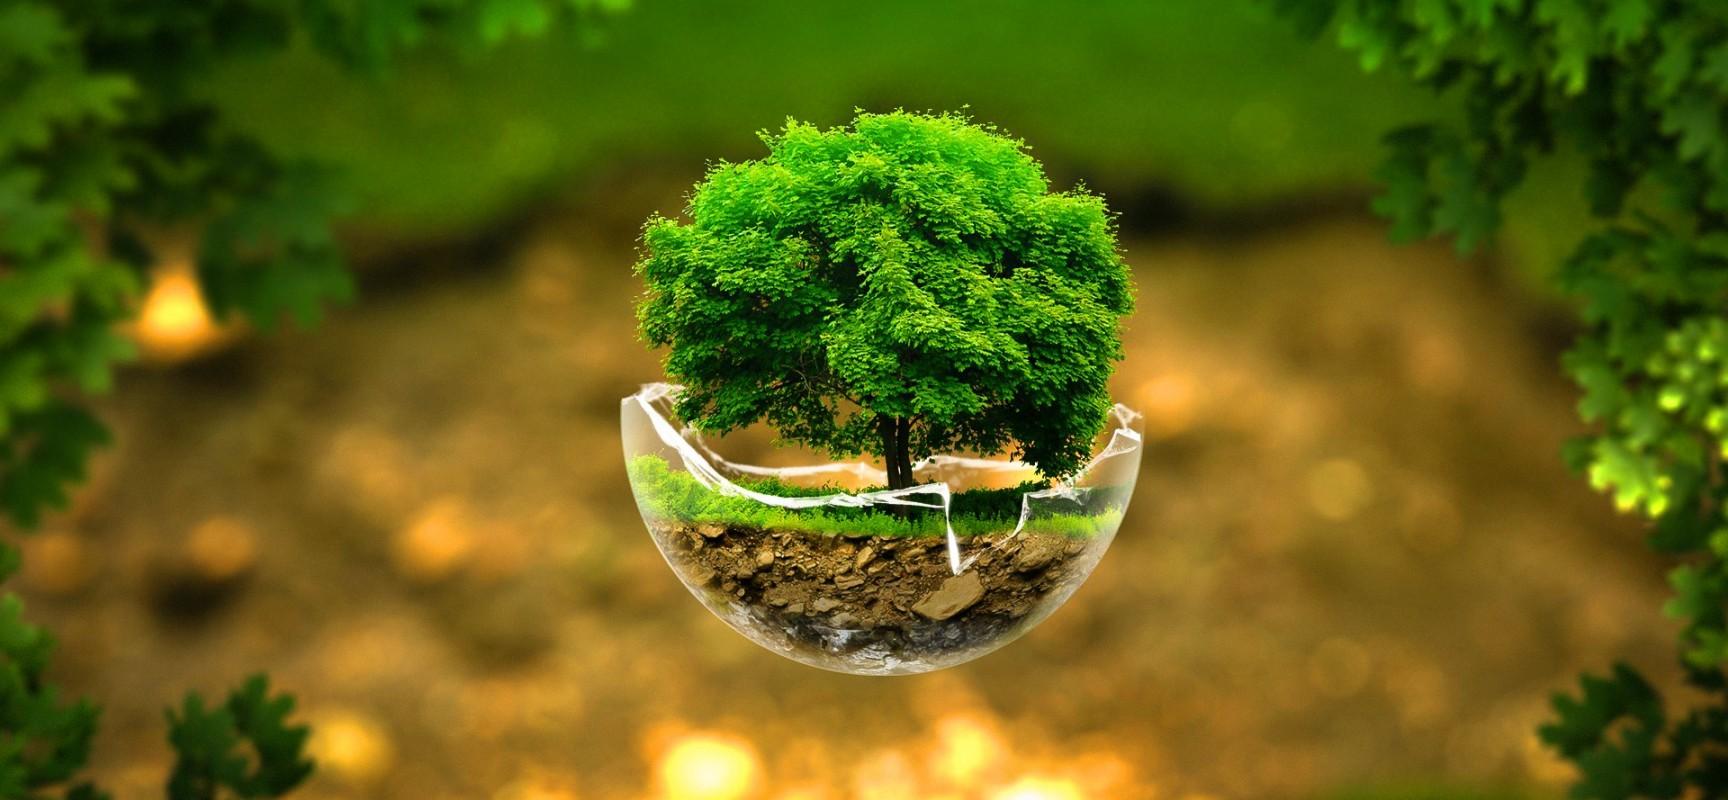 رتبه های قبولی ارشد 96 - 97 - 98 رشته علوم محیط زیست